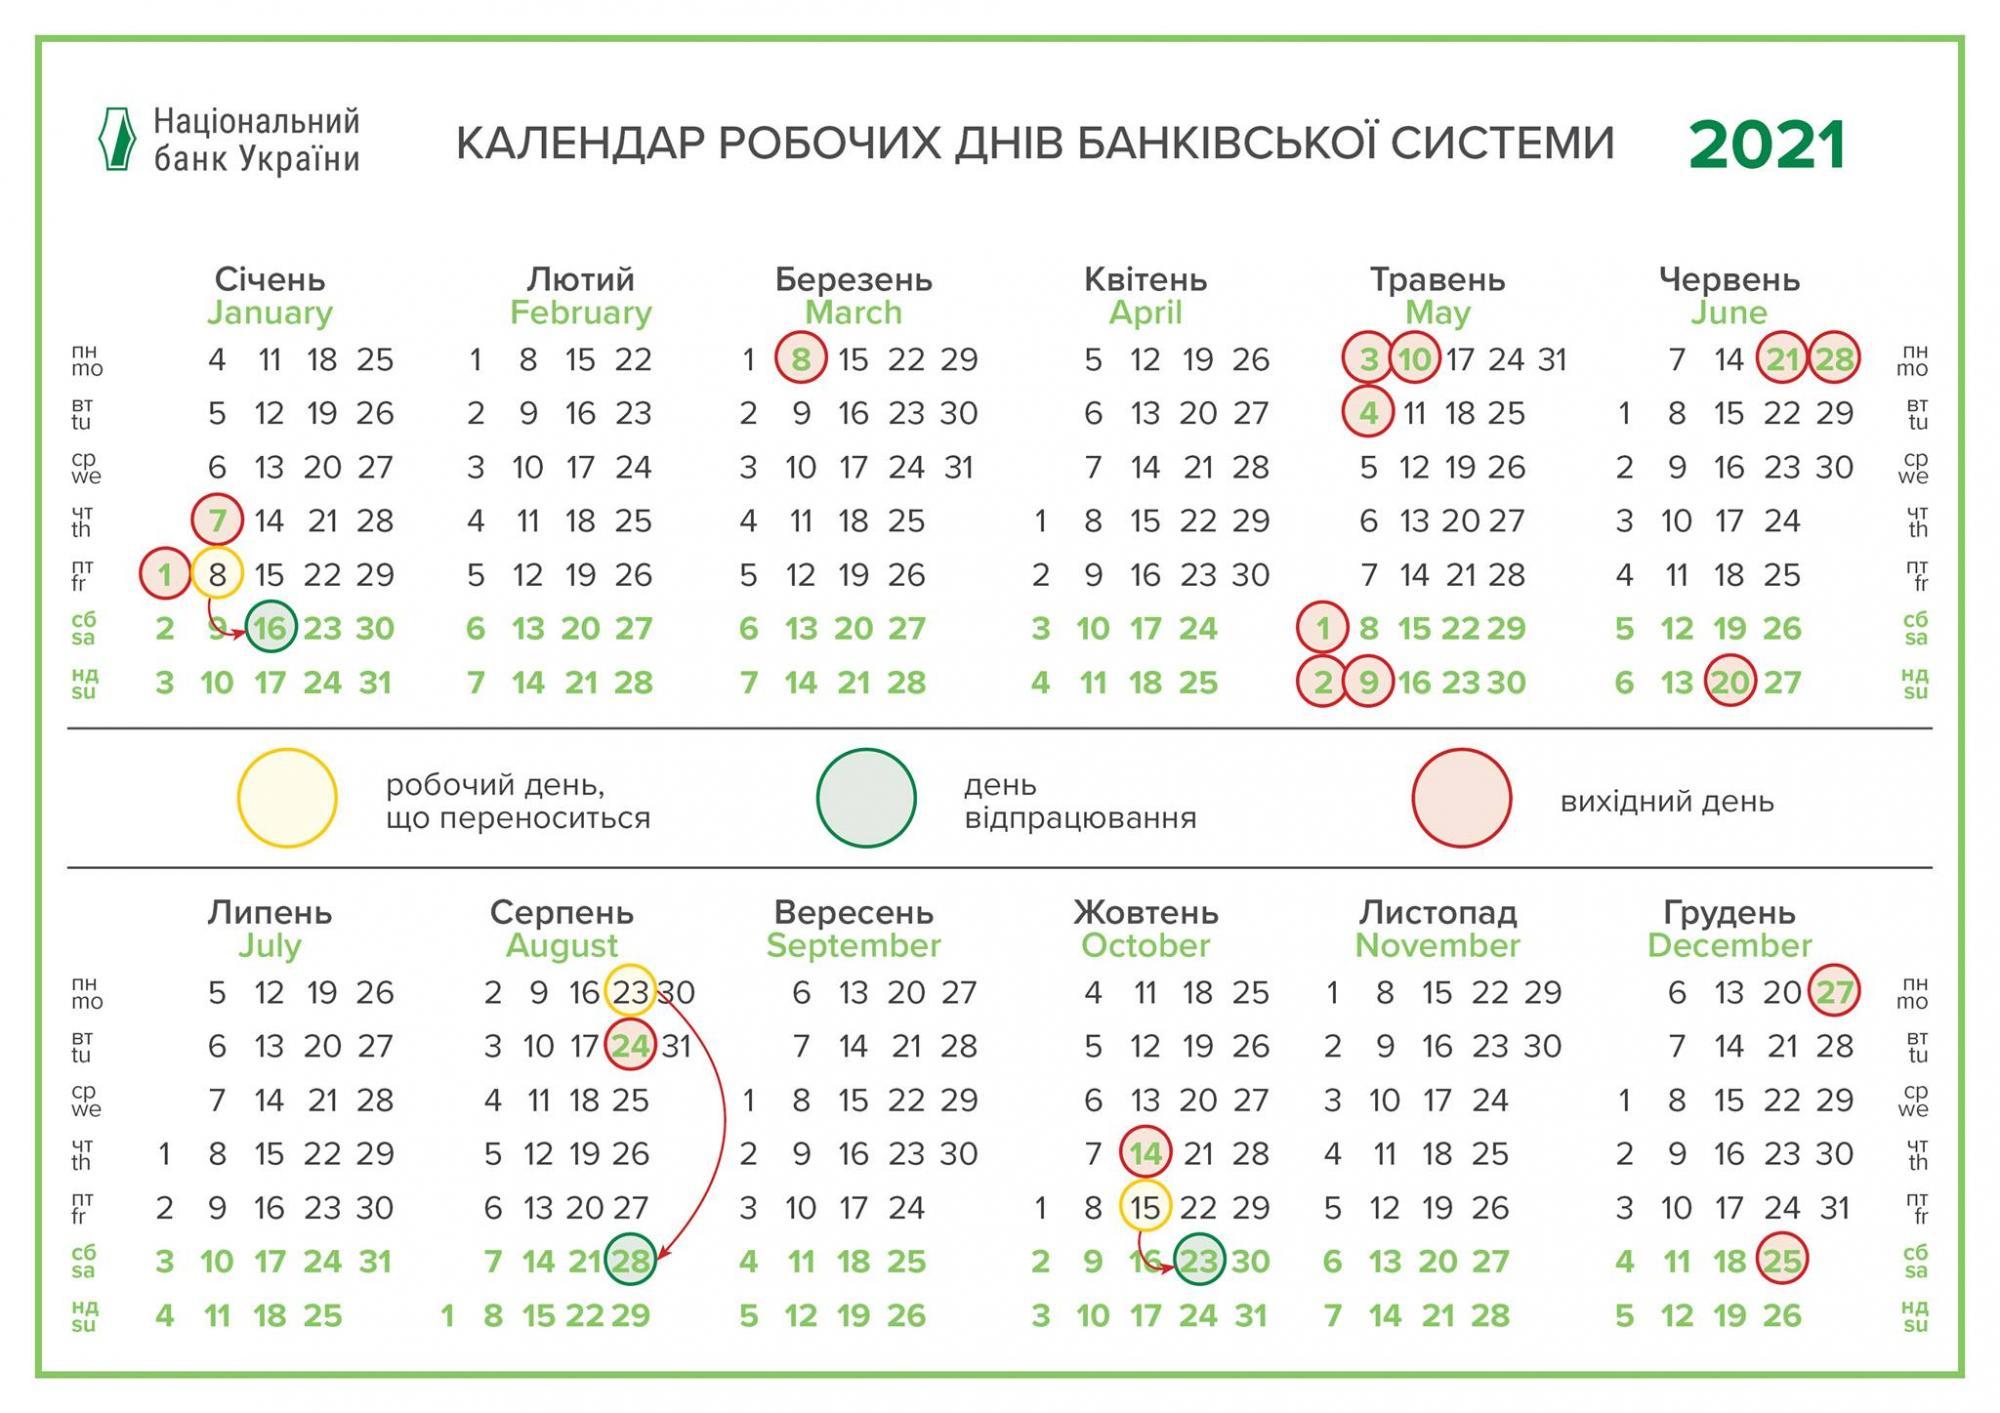 Как будут работать банки в период выходных на День независимости: график НБУ